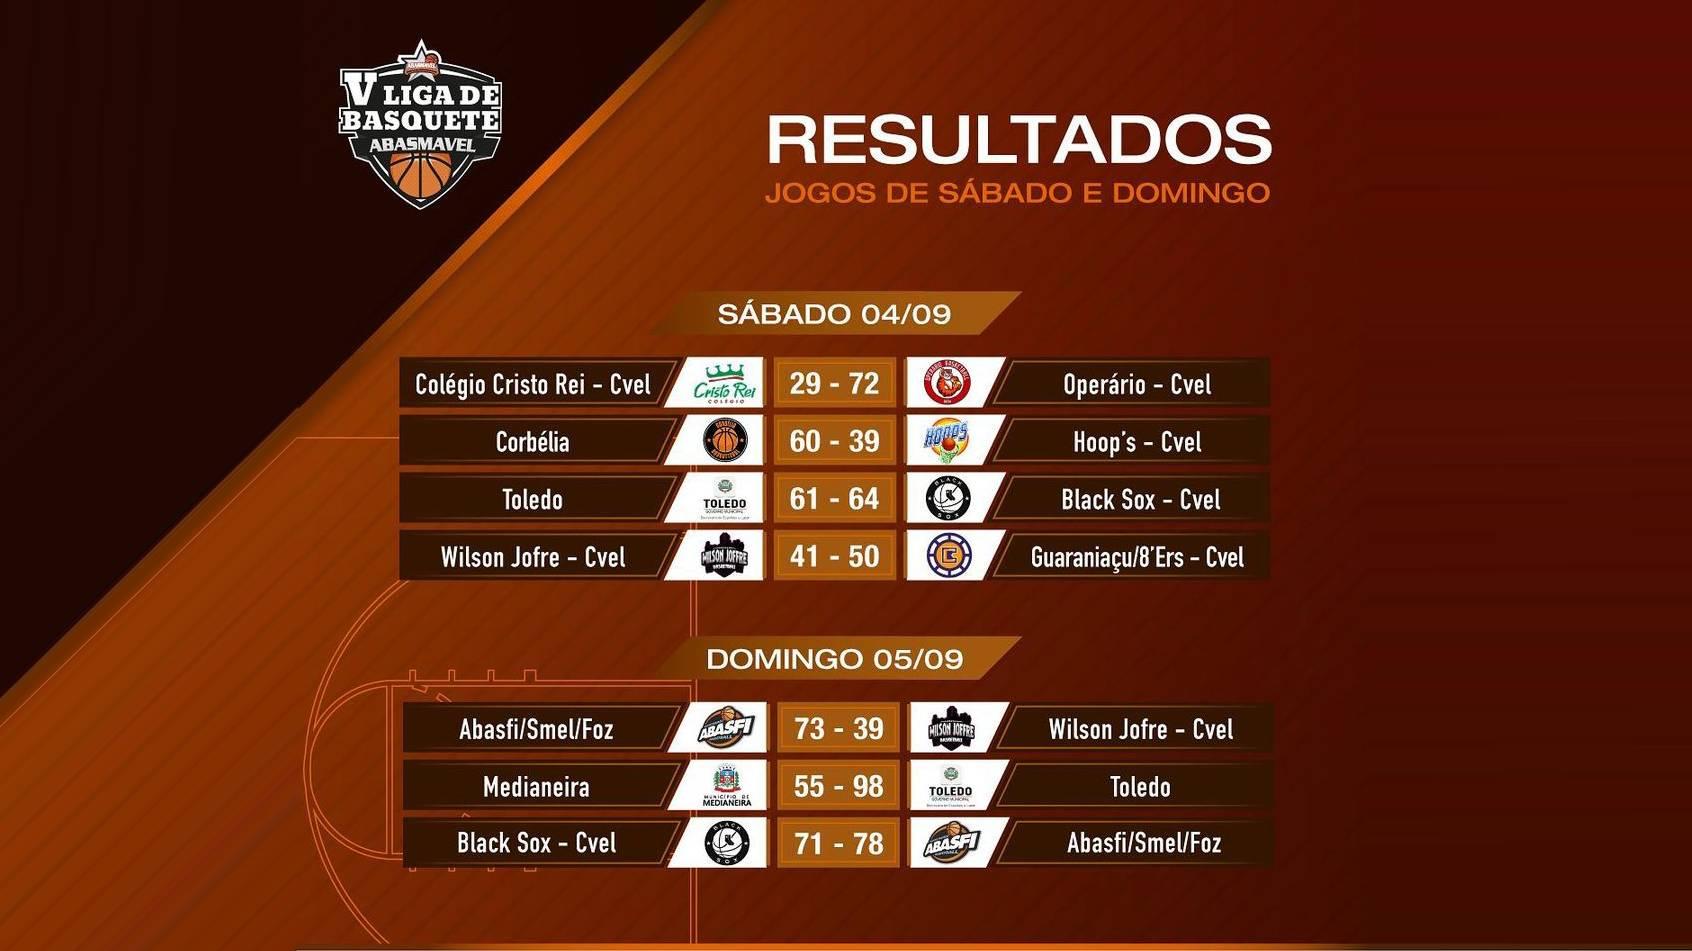 Veja como foi a oitava rodada da 5ª Liga de Basquete Abasmavel